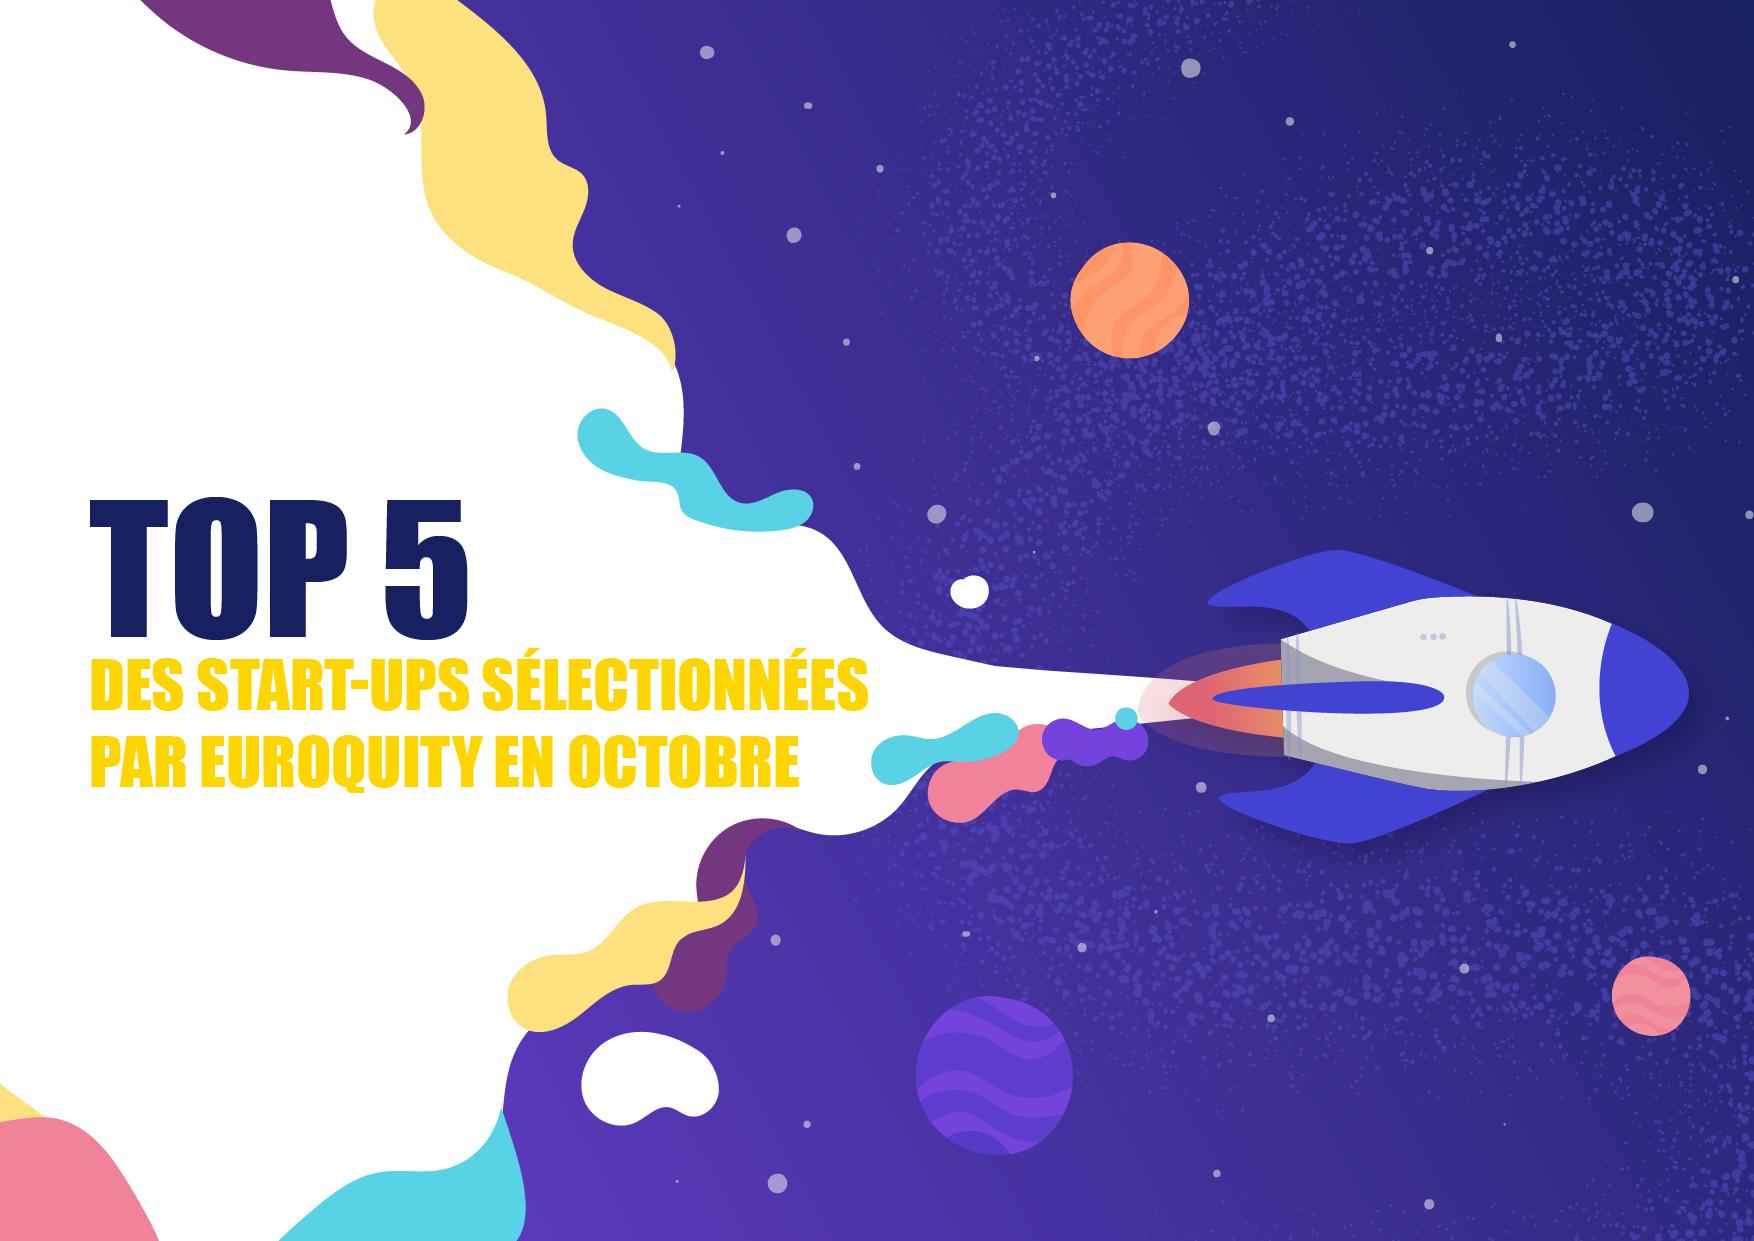 Les 5 start-ups sélectionnées pour la session e-pitch France du 29 Octobre 17:00 CEST